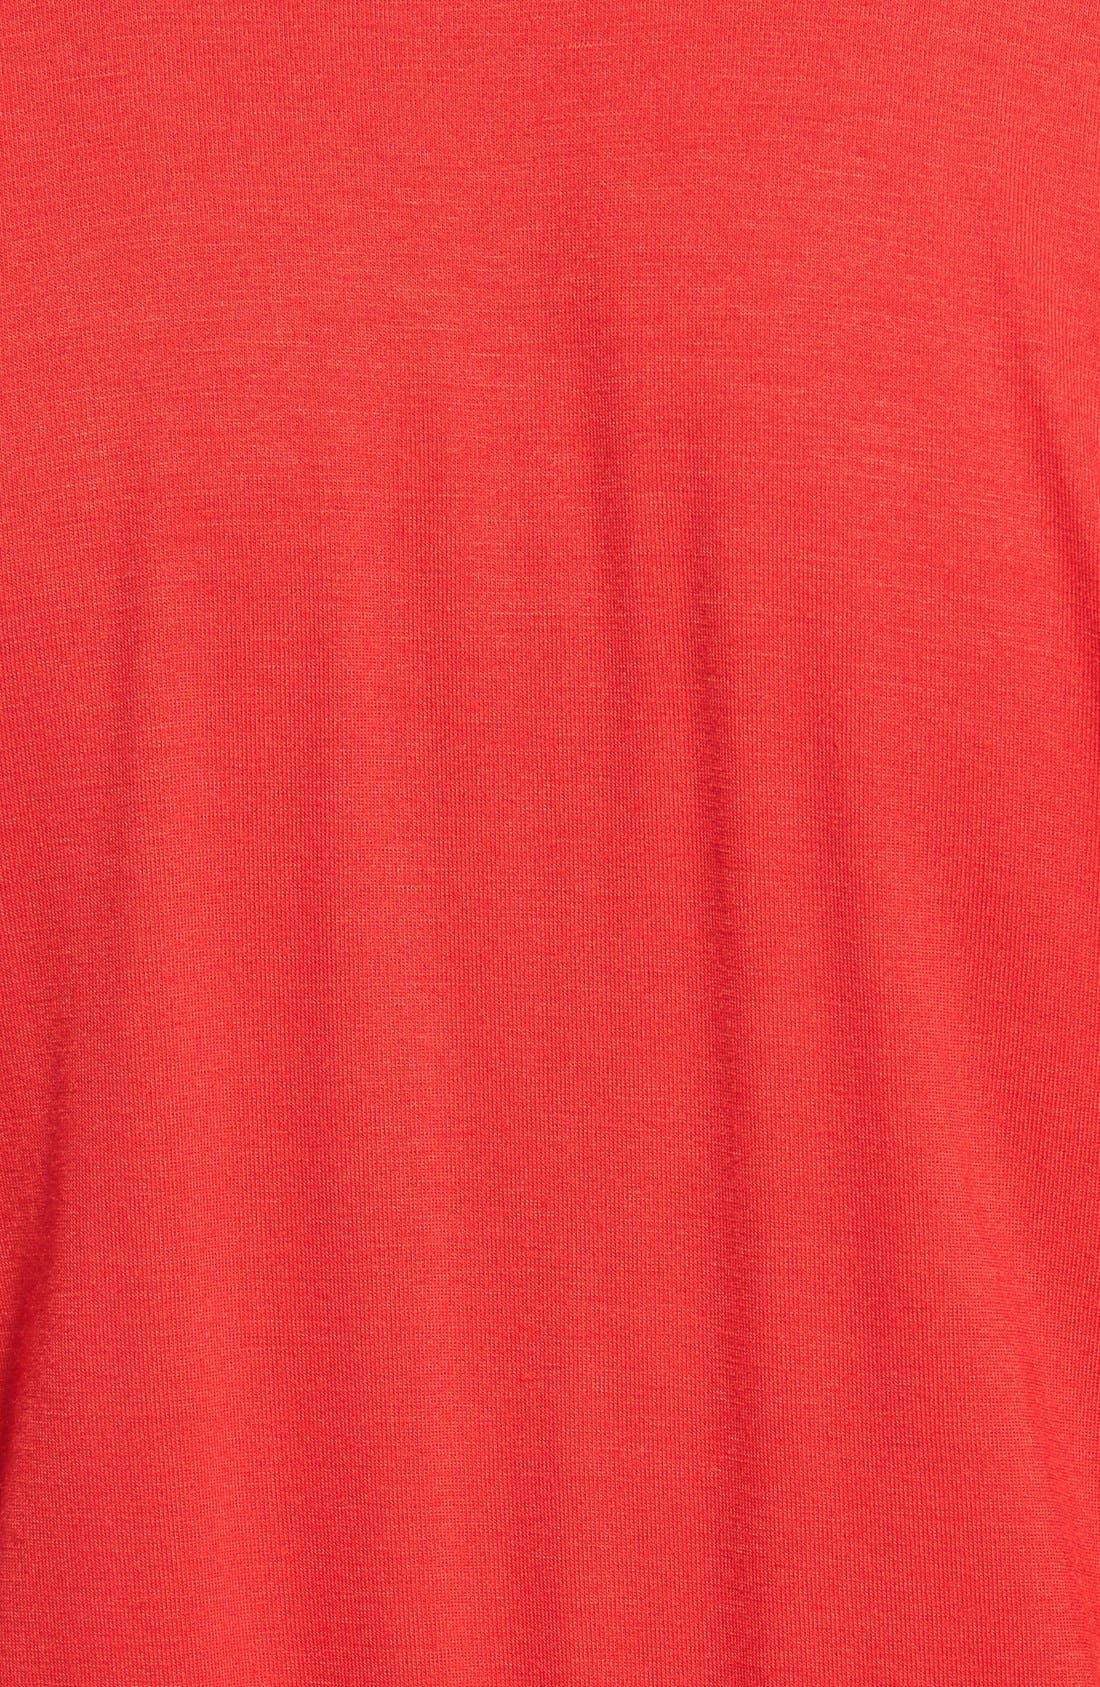 Short Sleeve Wrap Top Jumpsuit,                             Alternate thumbnail 13, color,